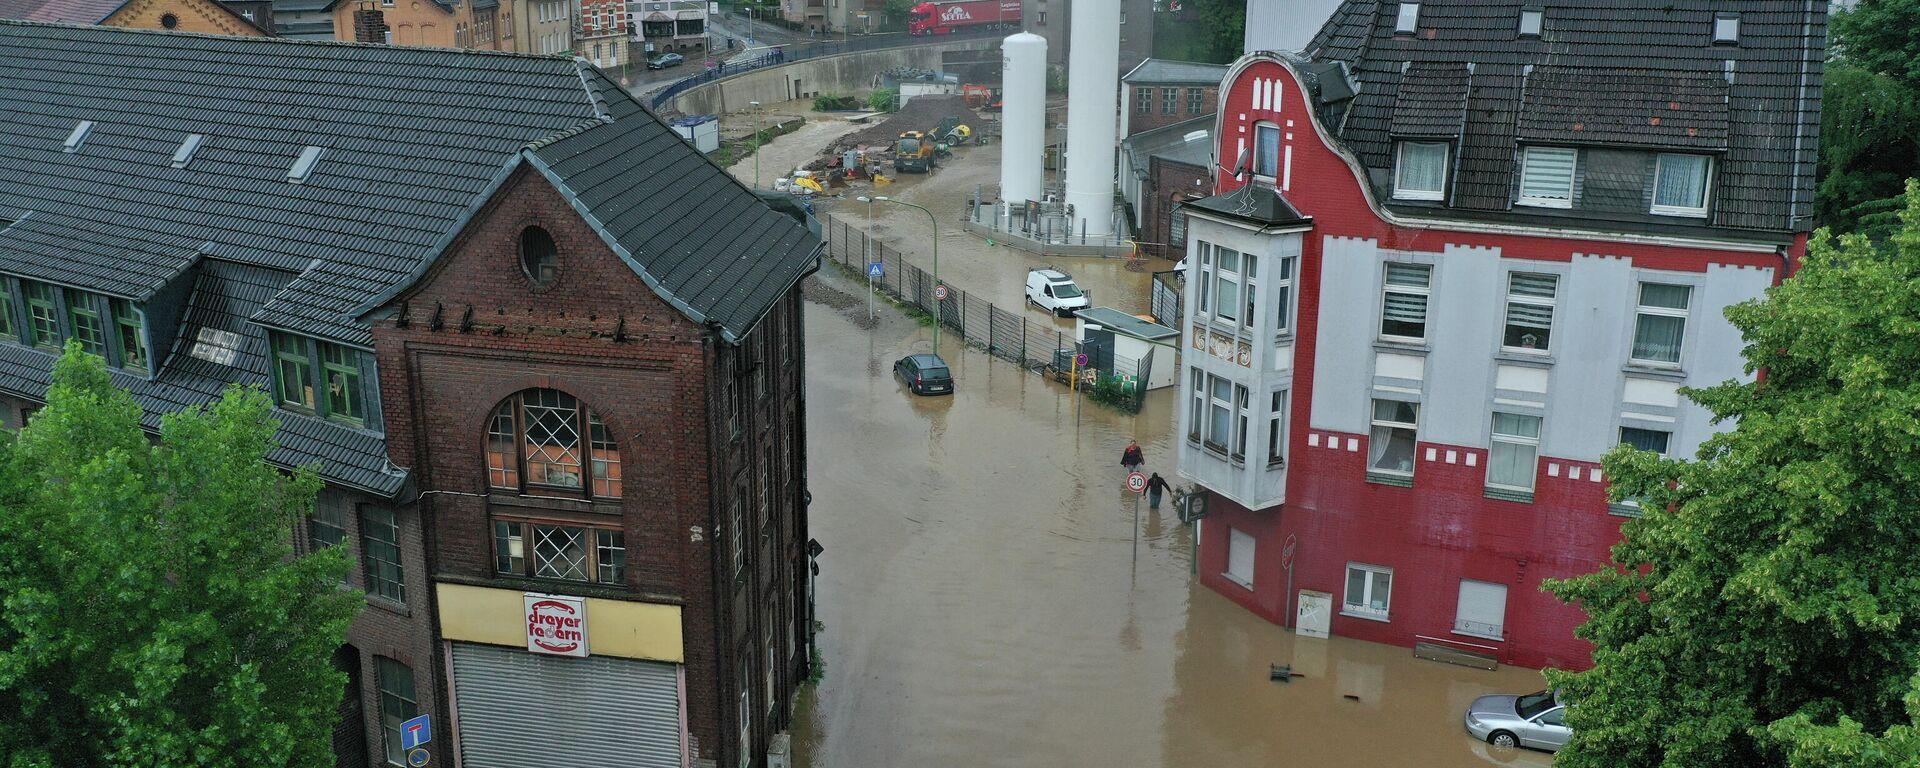 Überflutete Straßen von Hagen (Nordrhein-Westfalen)  - SNA, 1920, 14.07.2021